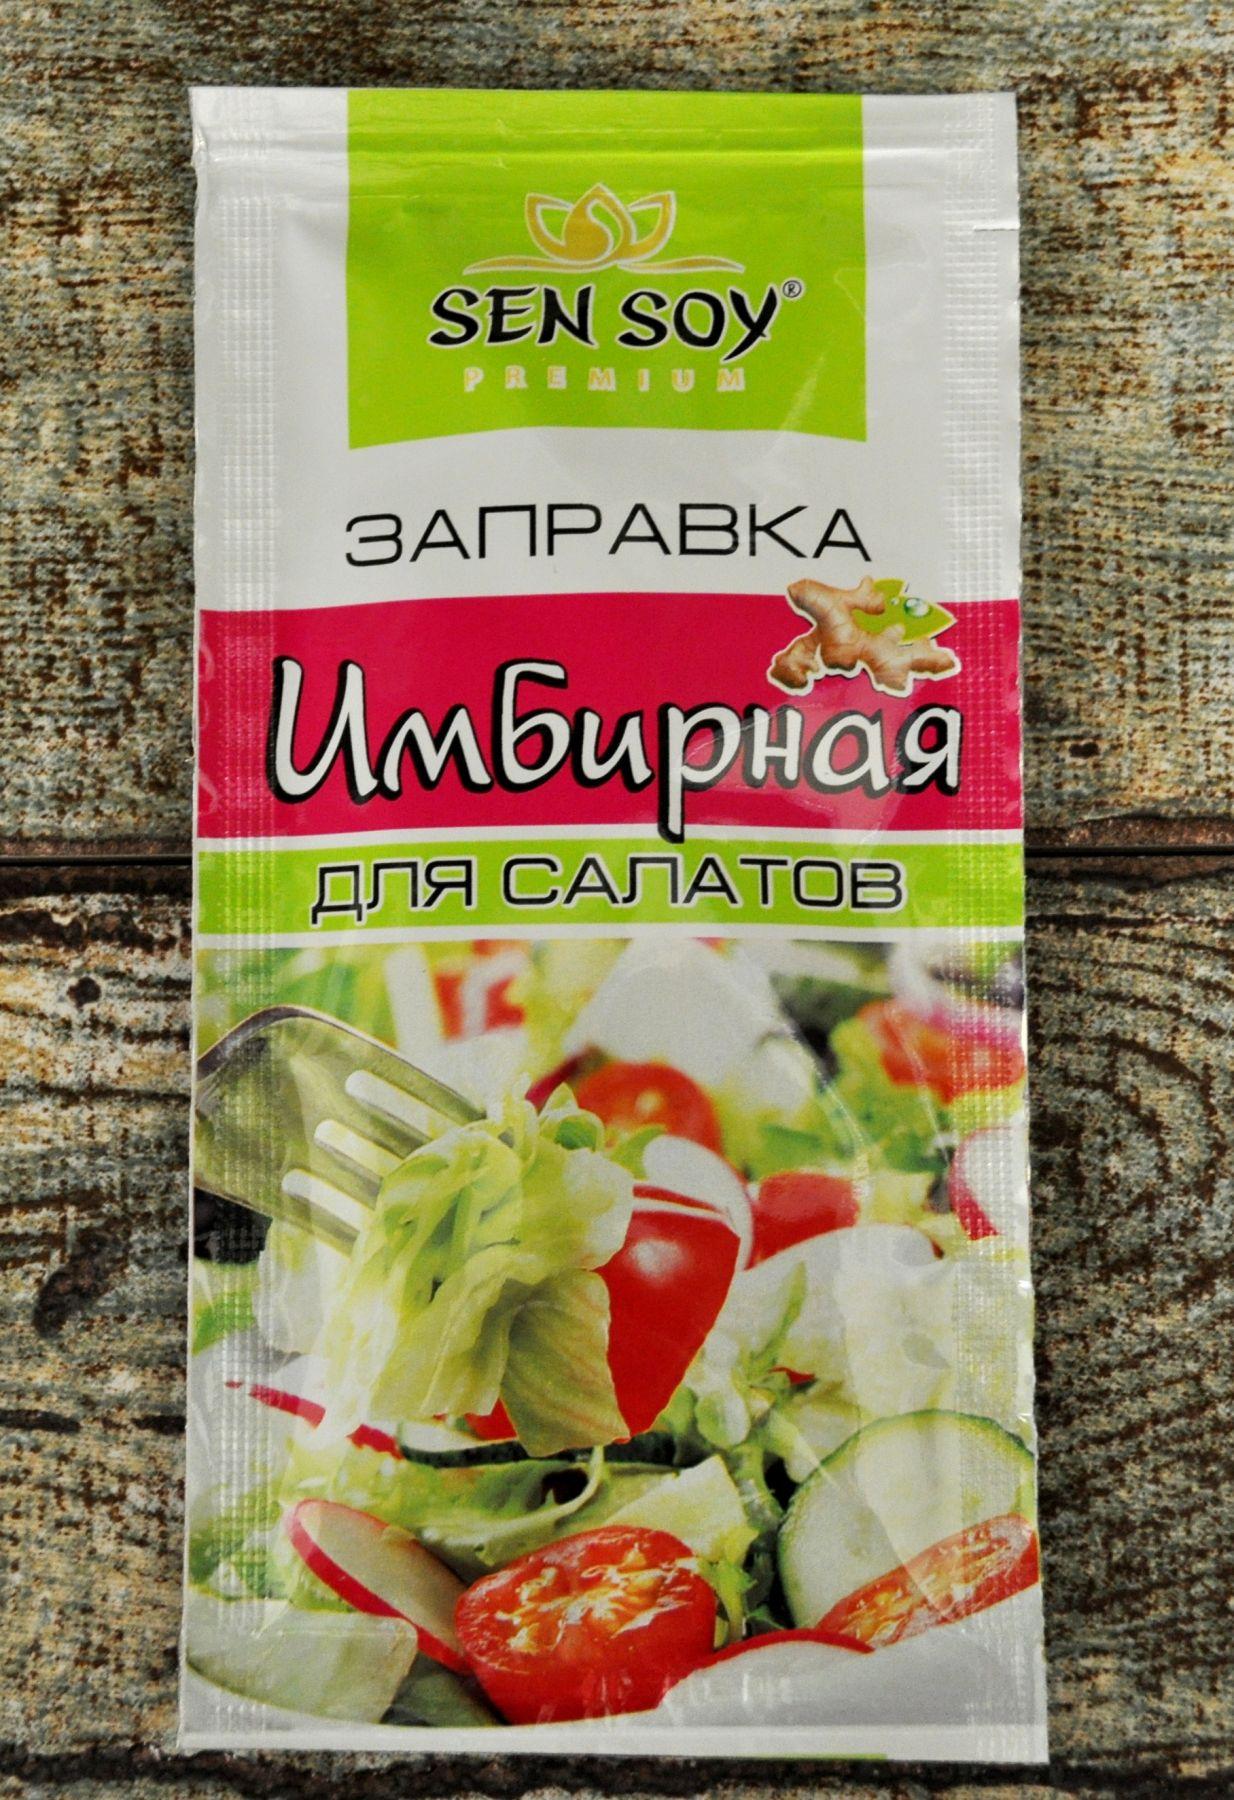 заправка цитрусовая для салатов сэн сой рецепты